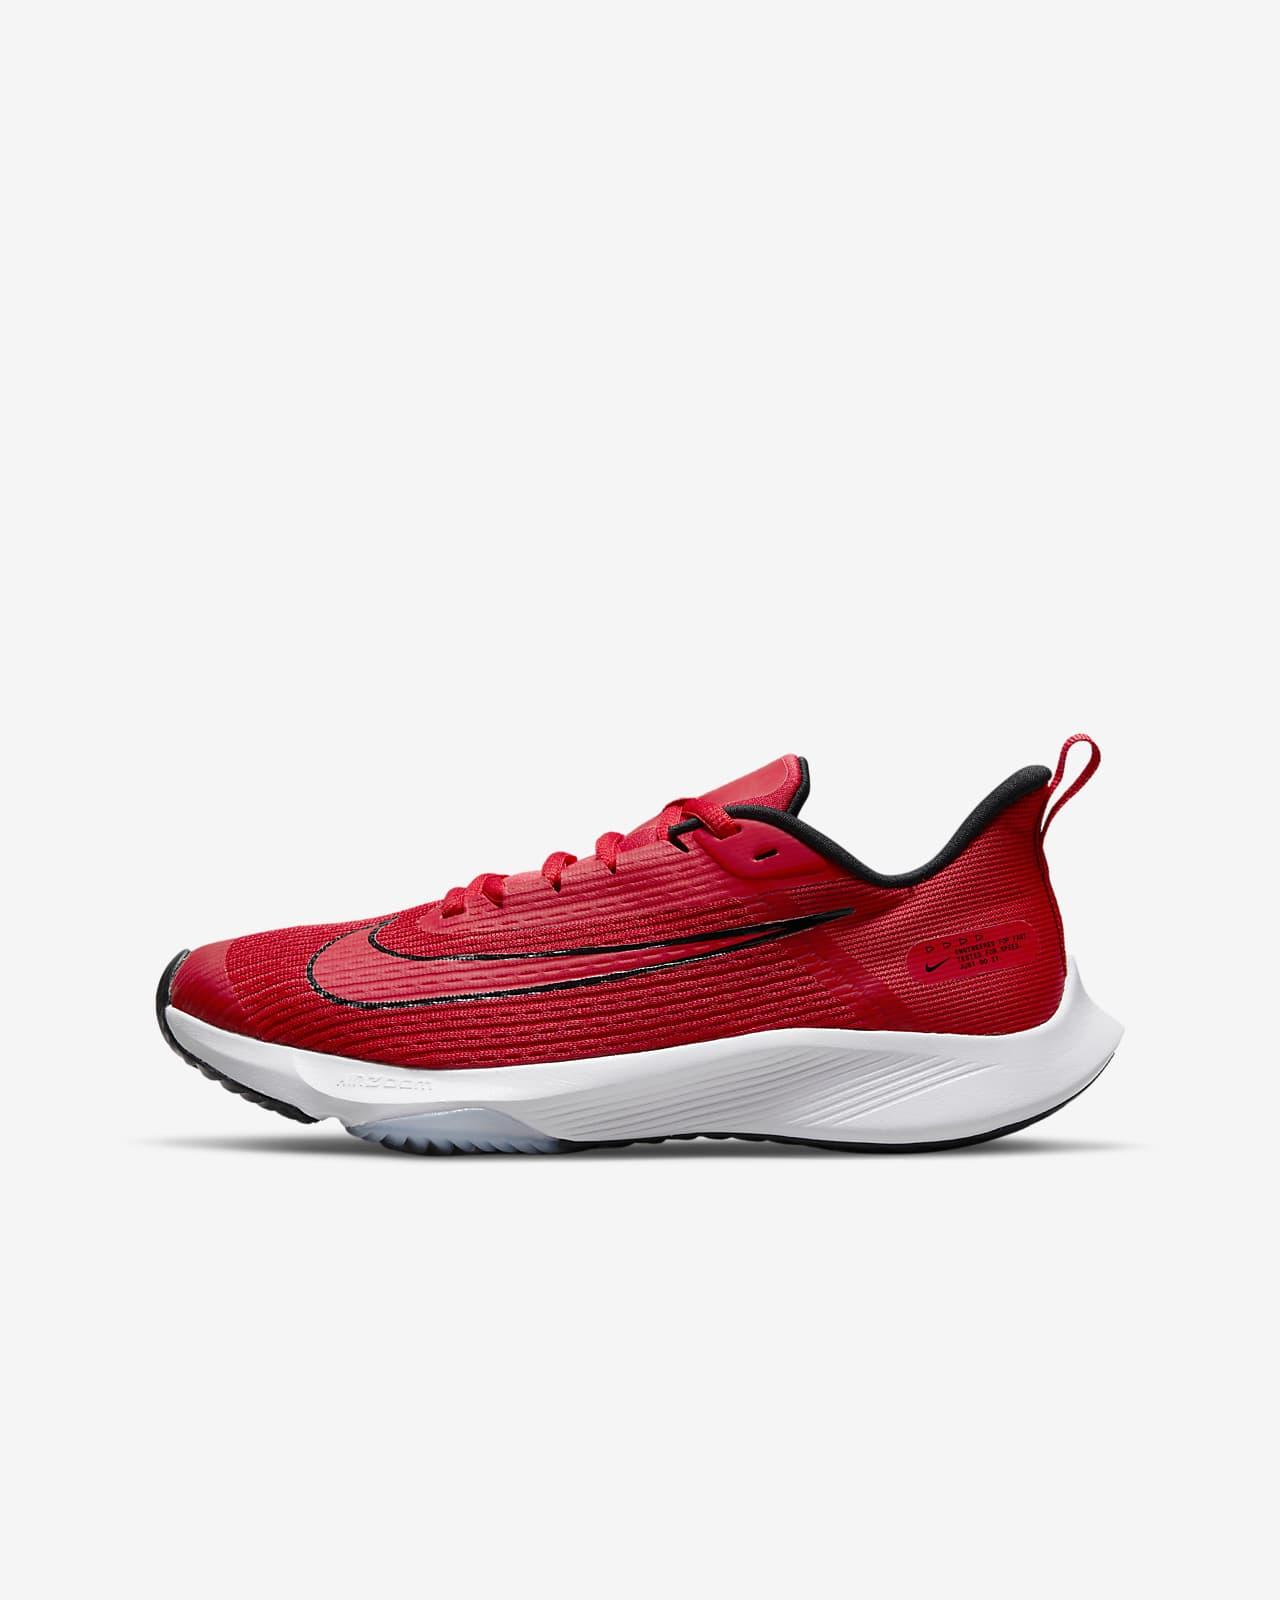 Buty do biegania dla małych/dużych dzieci Nike Air Zoom Speed 2